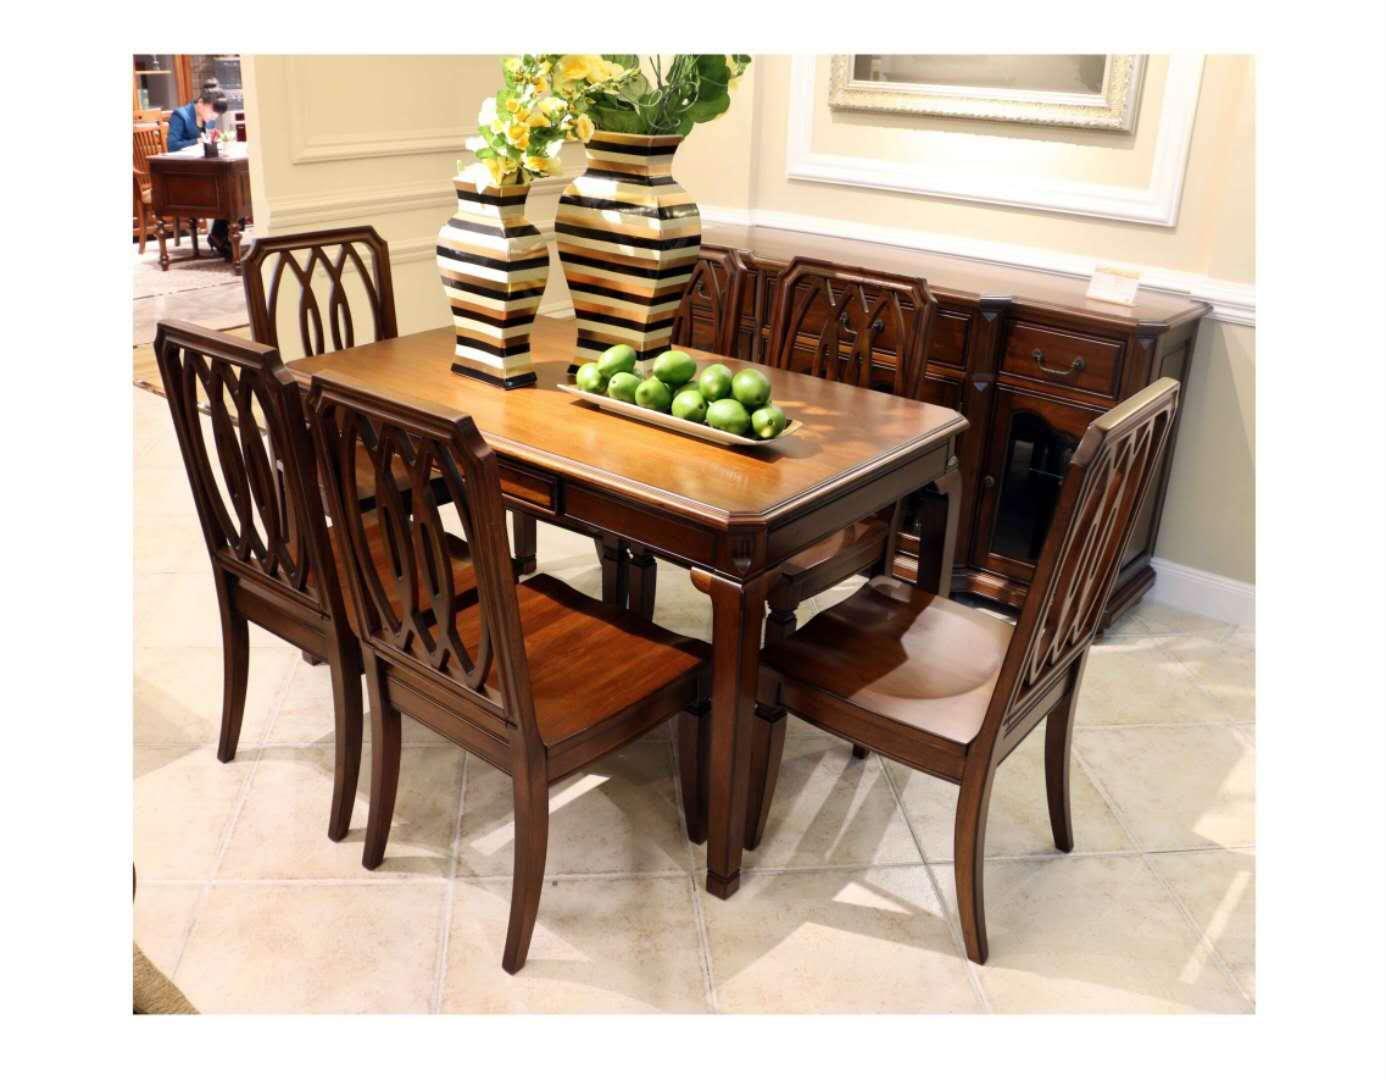 博州芬妮迪家具桌子厂家报价,桌子